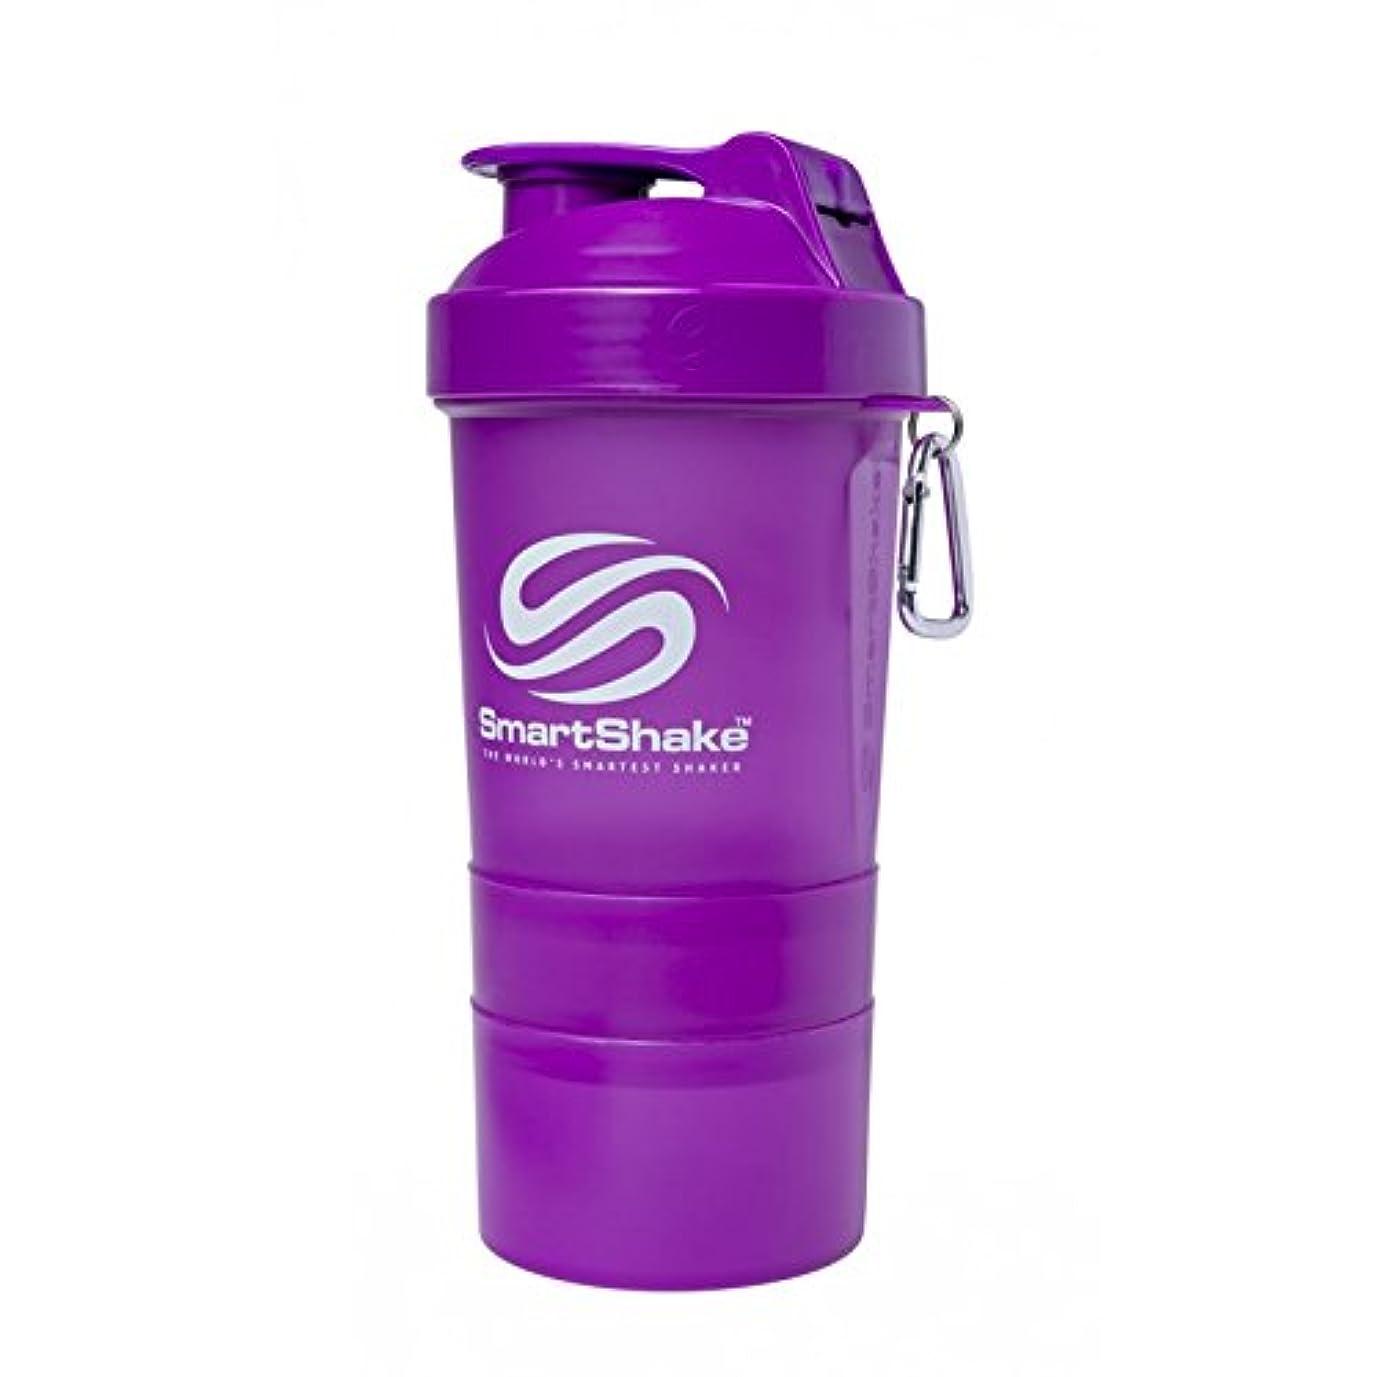 非互換パン屋高いSmartShake Original Shaker Cup, Neon Purple, 20 oz by smartshake